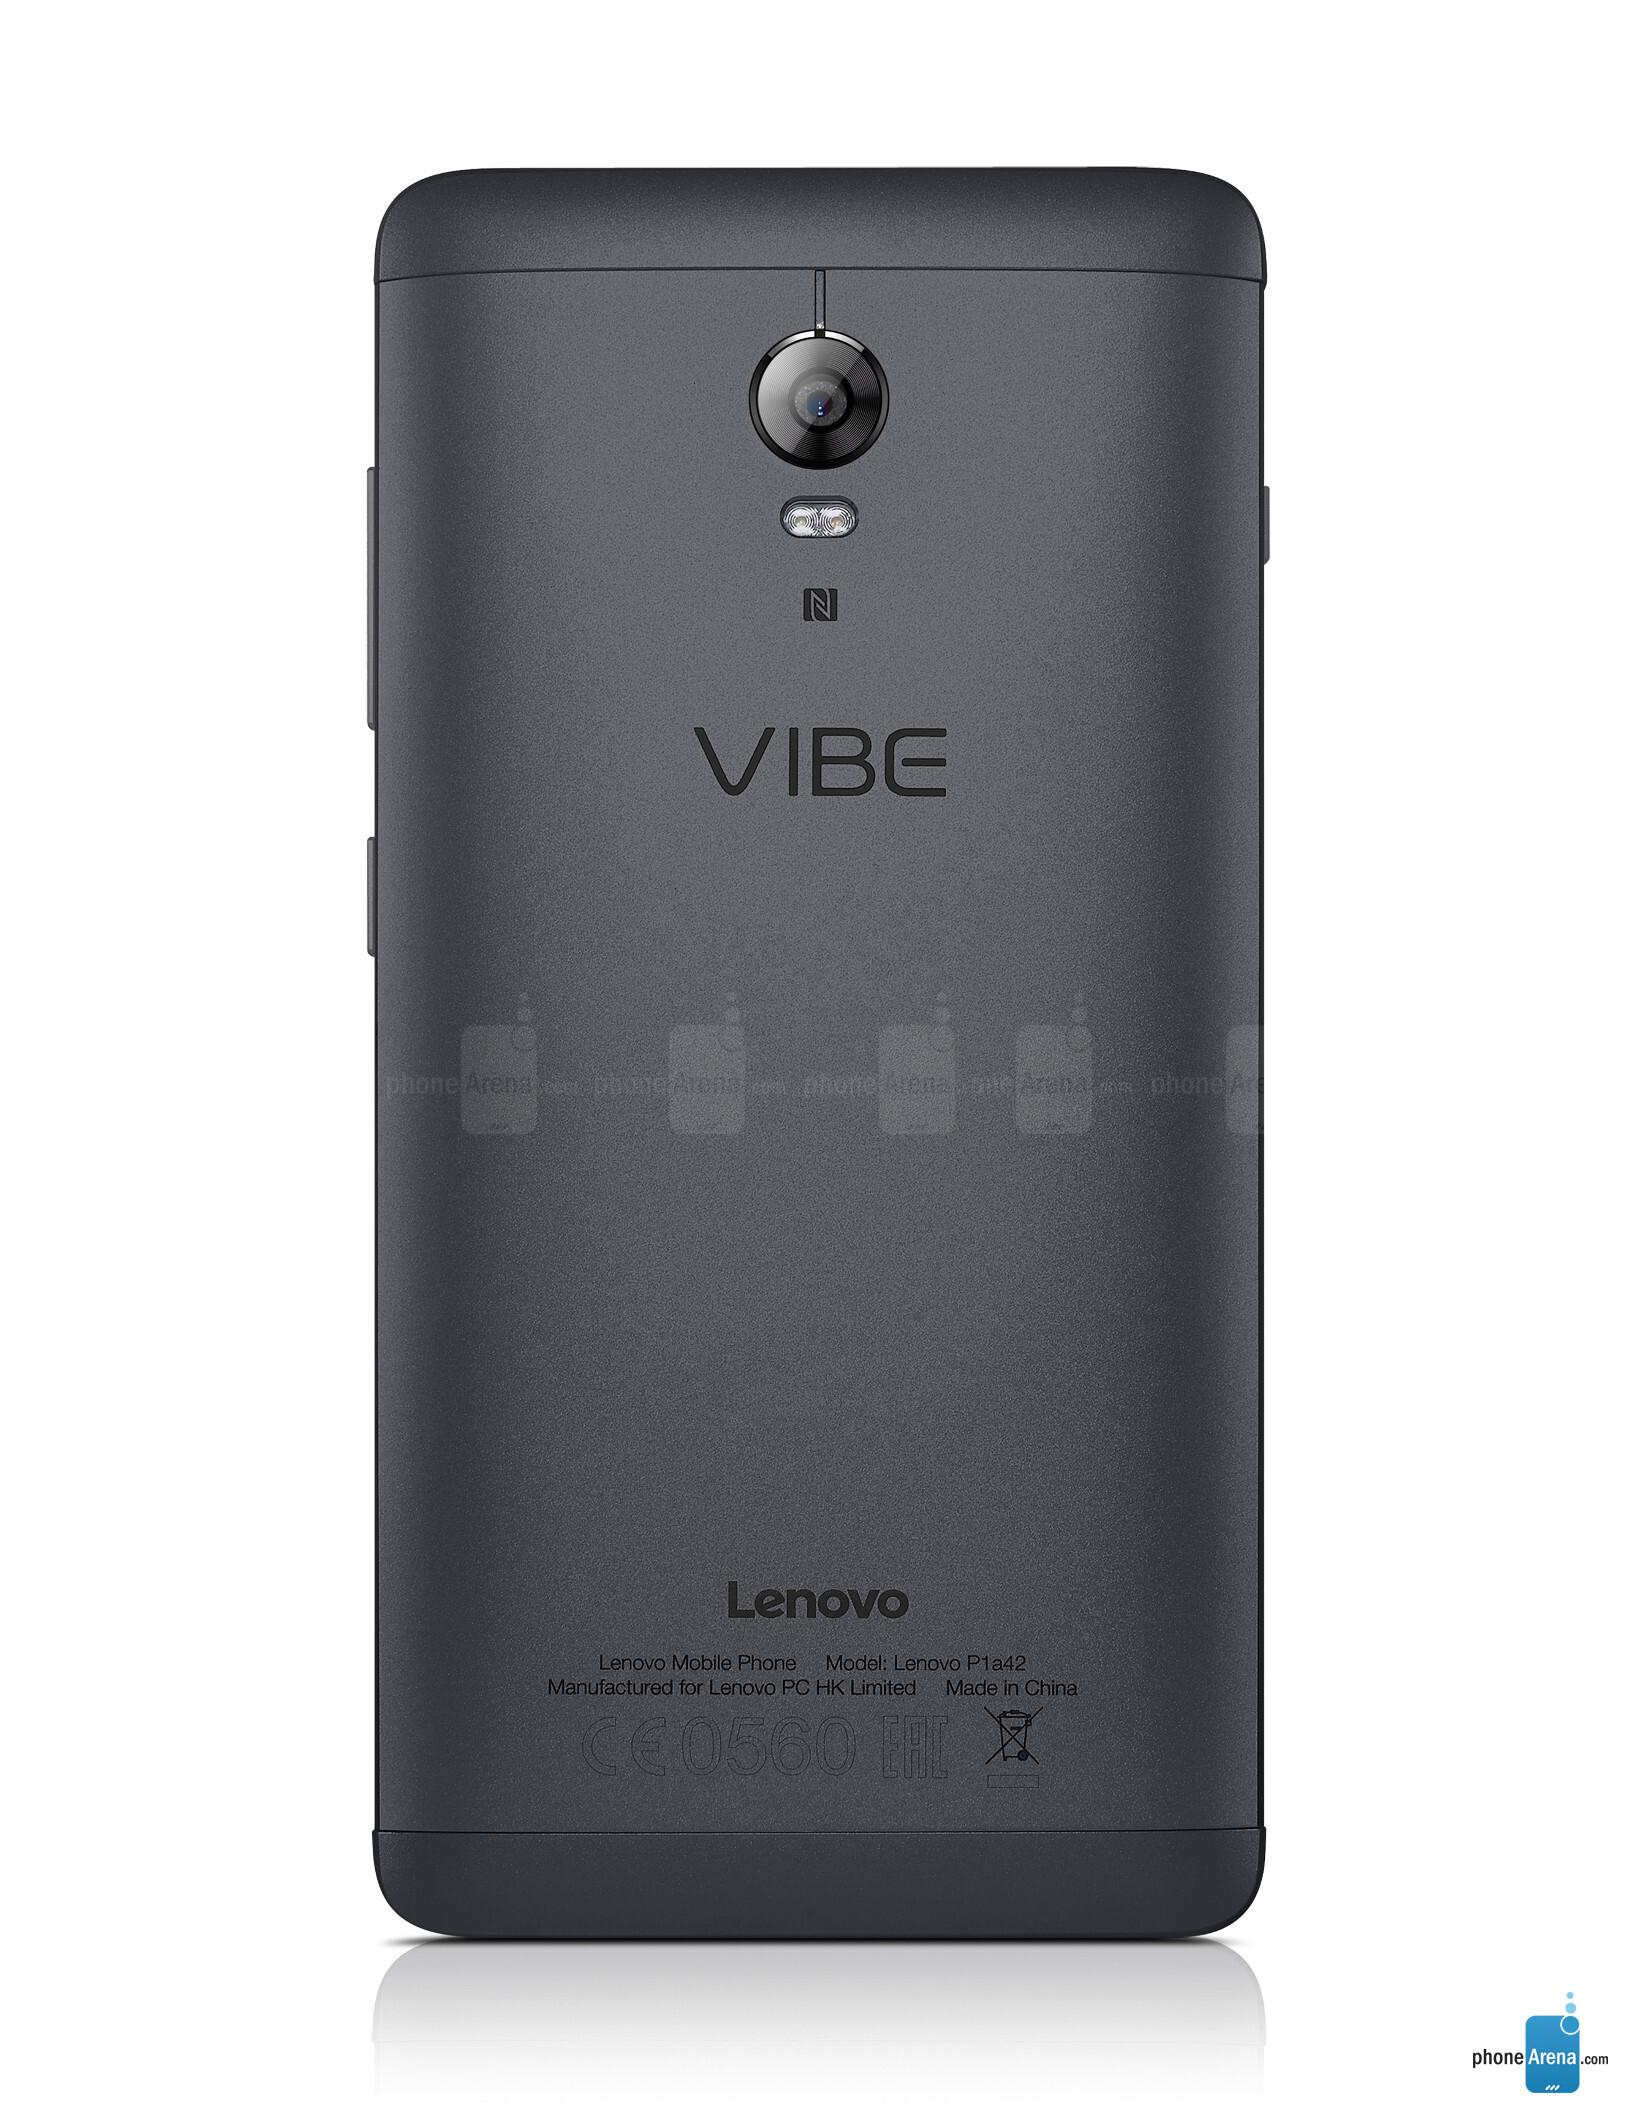 Lenovo Vibe P1 Full Specs